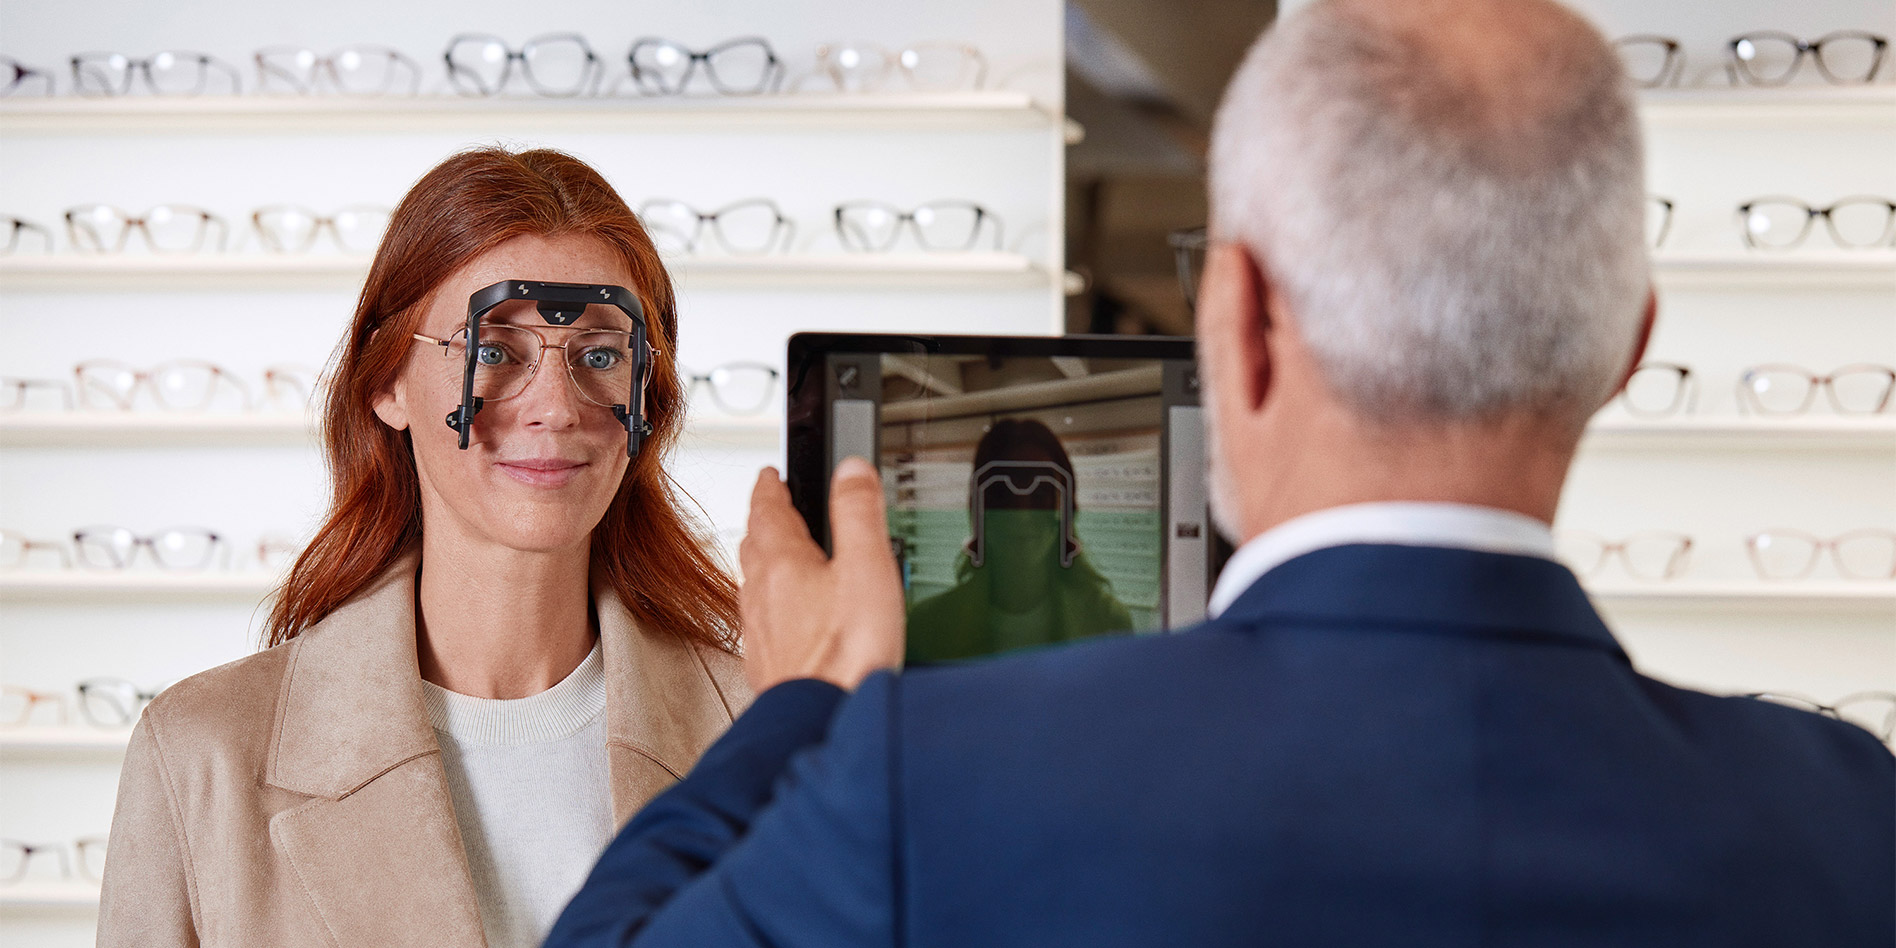 ultimo design Acquista i più venduti metà fuori Suggerimenti per la centratura delle lenti